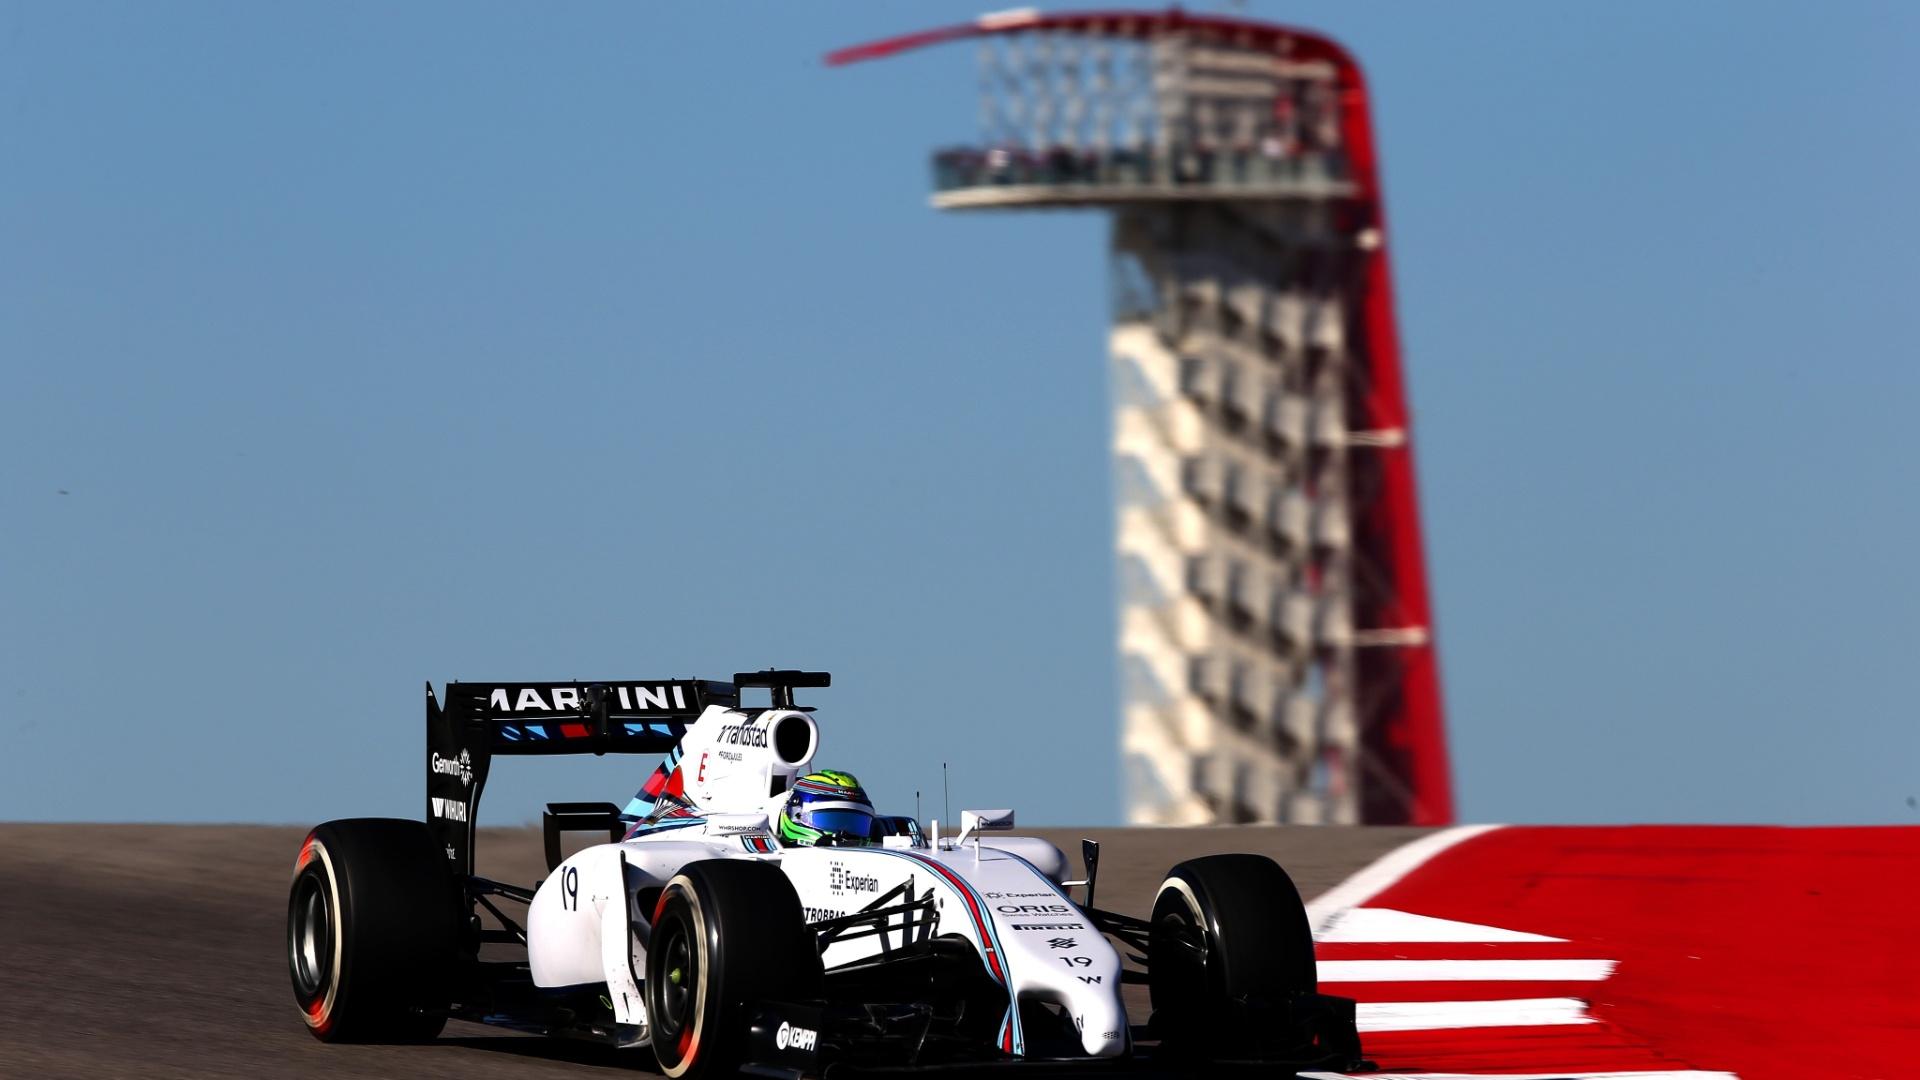 Felipe Massa, brasileiro da Williams, durante o primeiro treino livre para o Grande Prêmio dos EUA de Fórmula 1